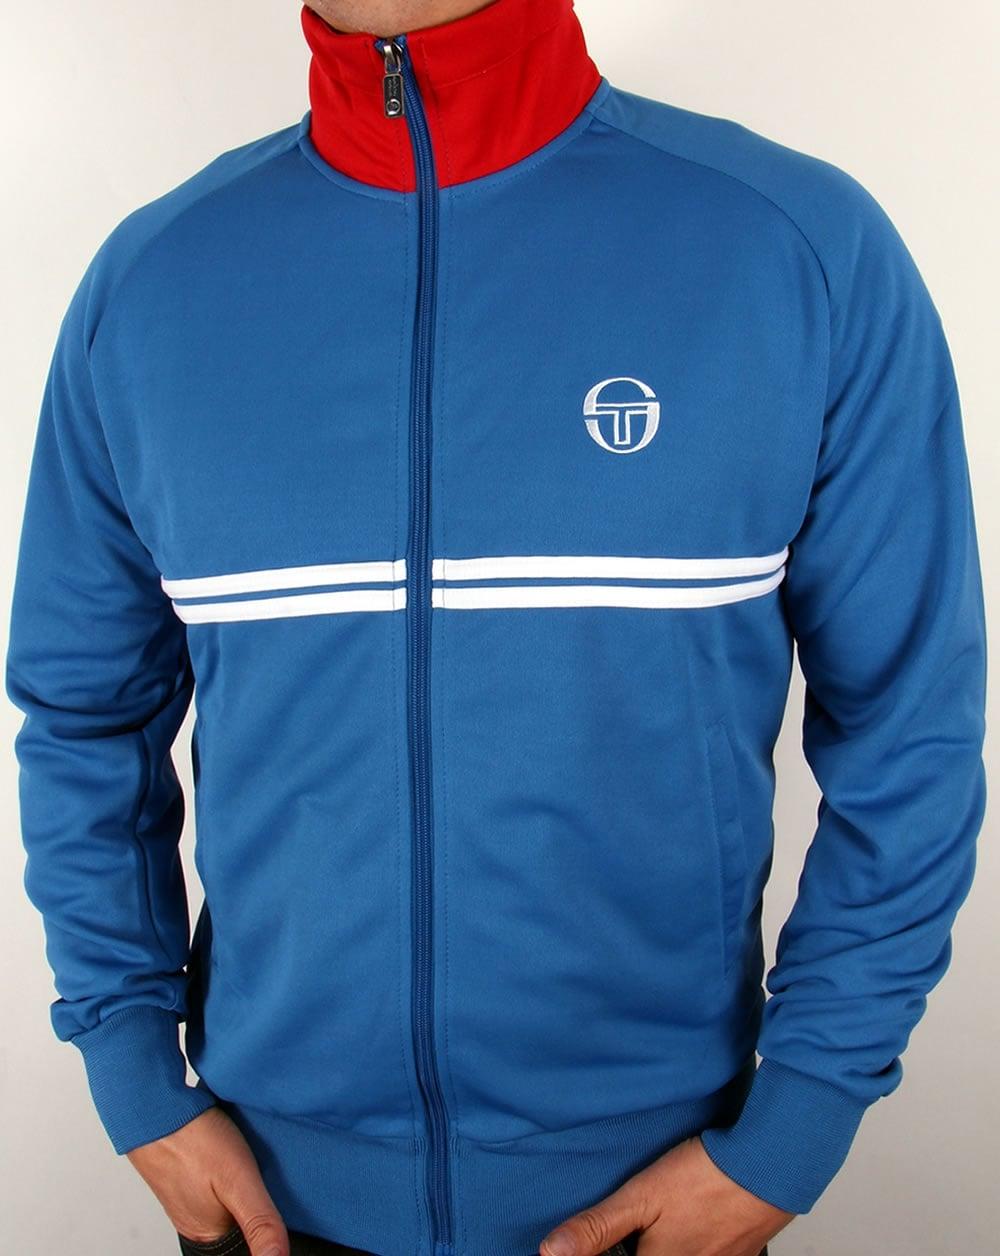 e40de1933a4c0 Sergio Tacchini Dallas Track Top Royal Blue - Sergio Tacchini Tracksuit